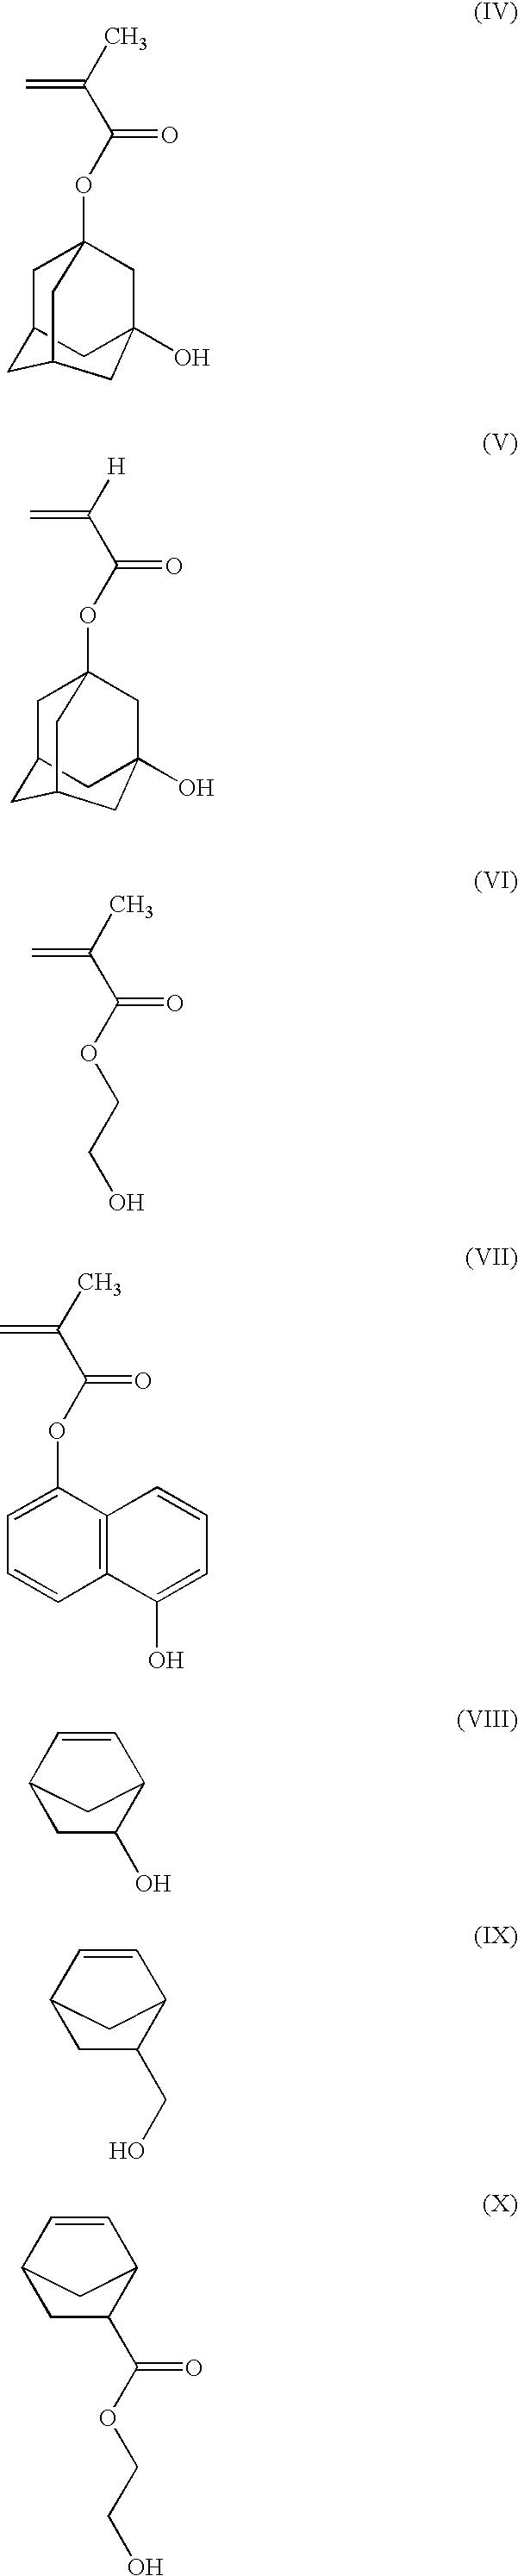 Figure US06949325-20050927-C00007